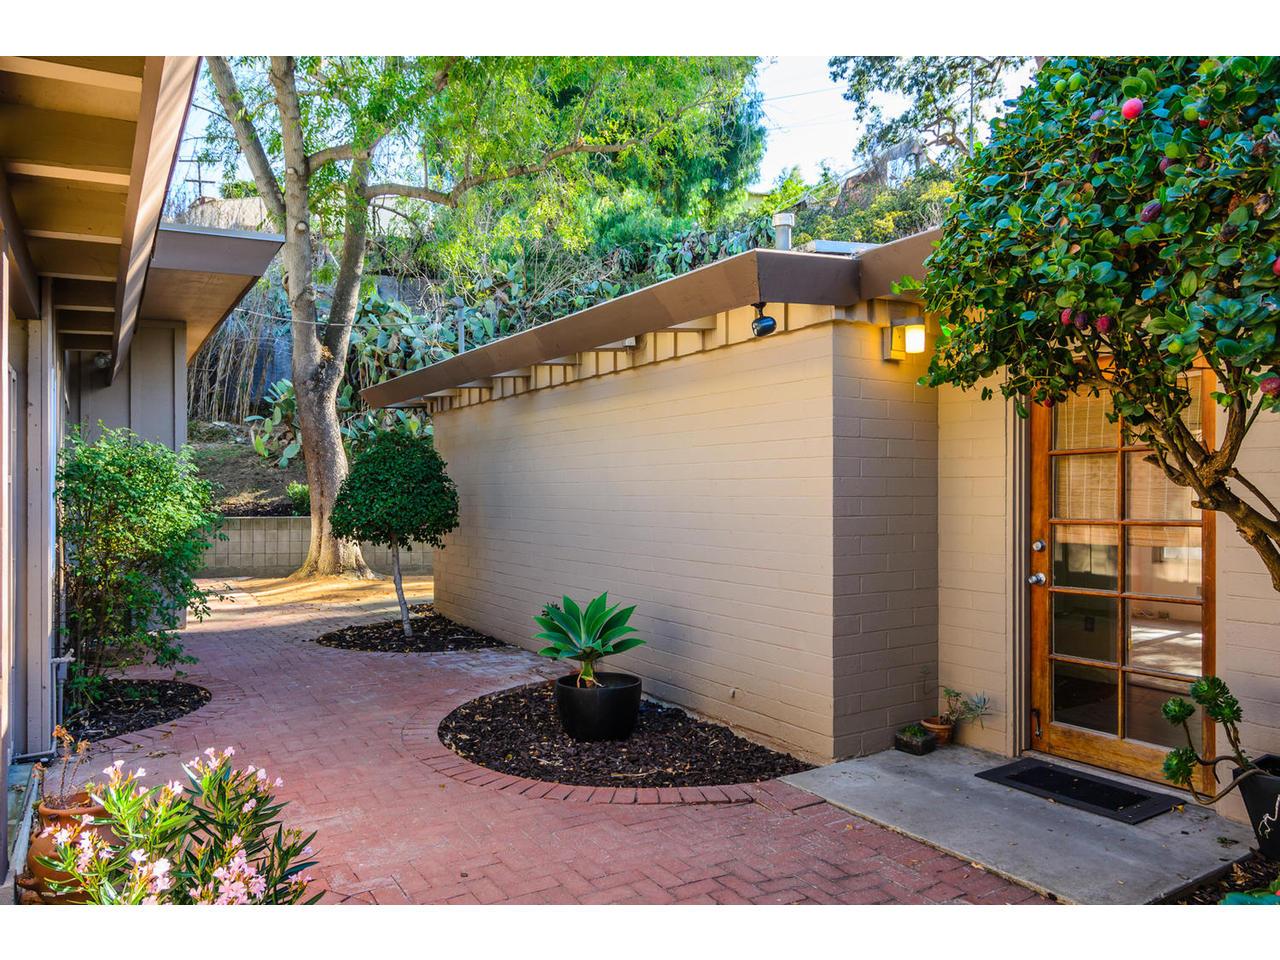 3065 Eagle St San Diego CA-MLS_Size-021-3065 Eagle Street San Diego CA-1280x960-72dpi.jpg